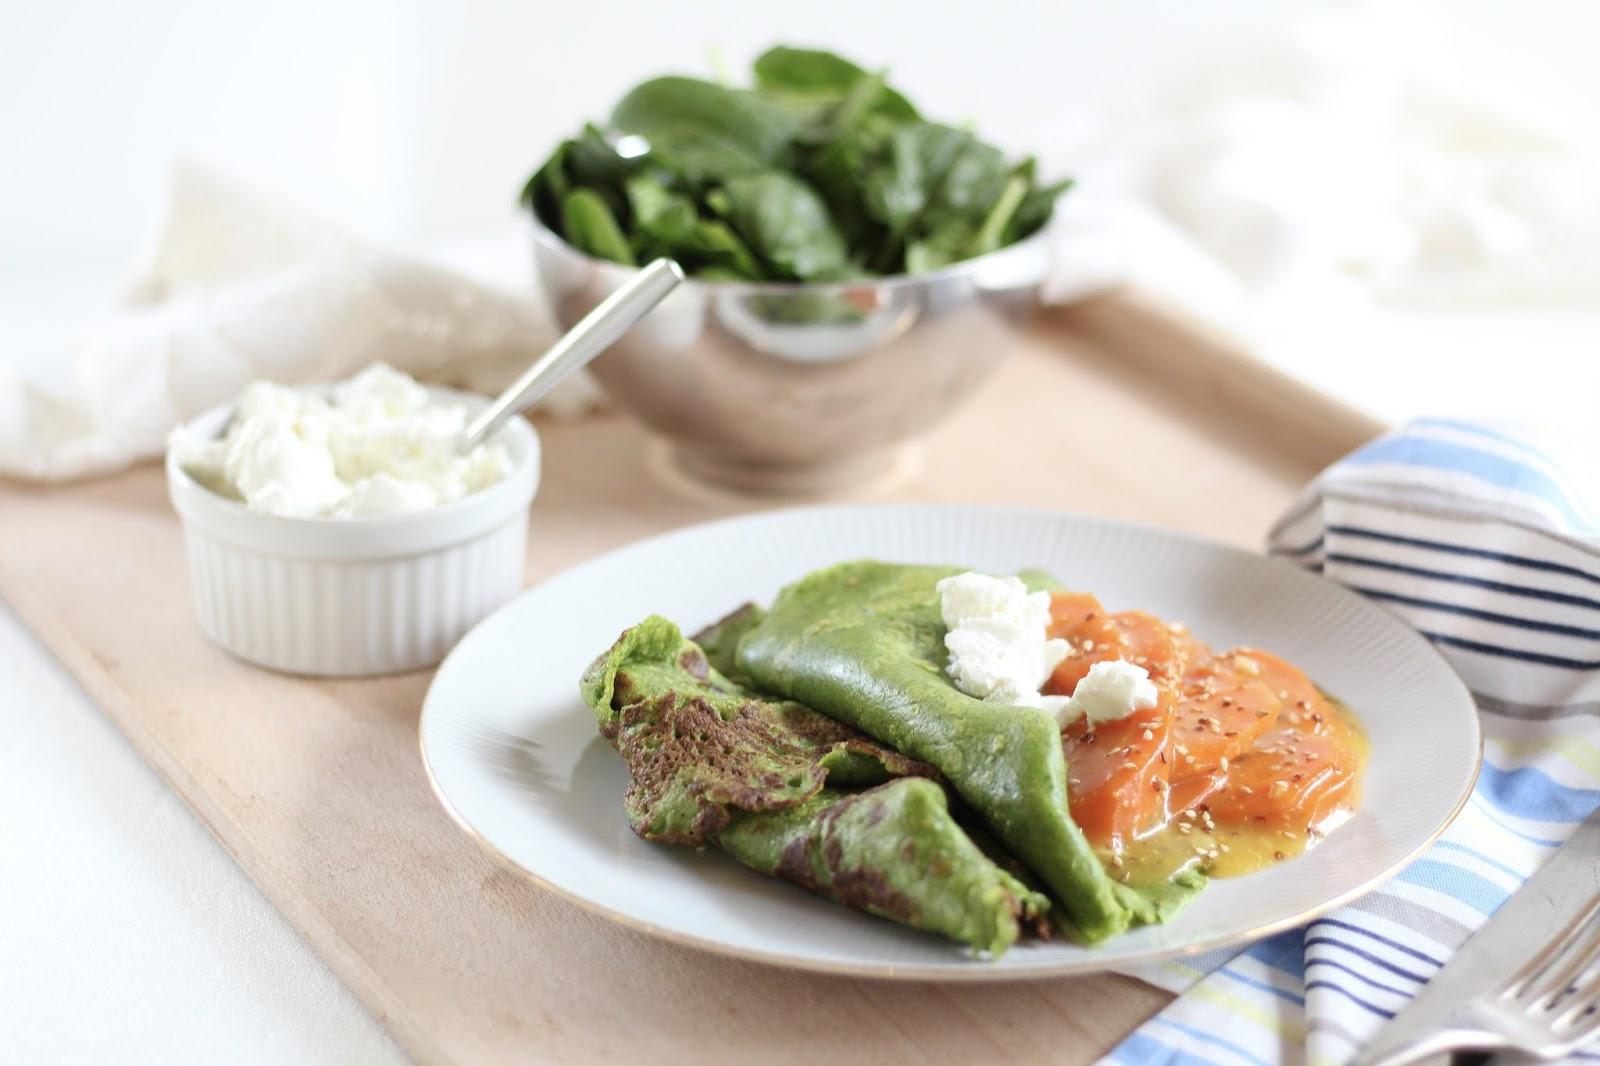 Menueplan Clean Eating Style - Vollwertig kochen und fit in den Frühling: Spinatpfannkuchen mit gedünsteten Möhren